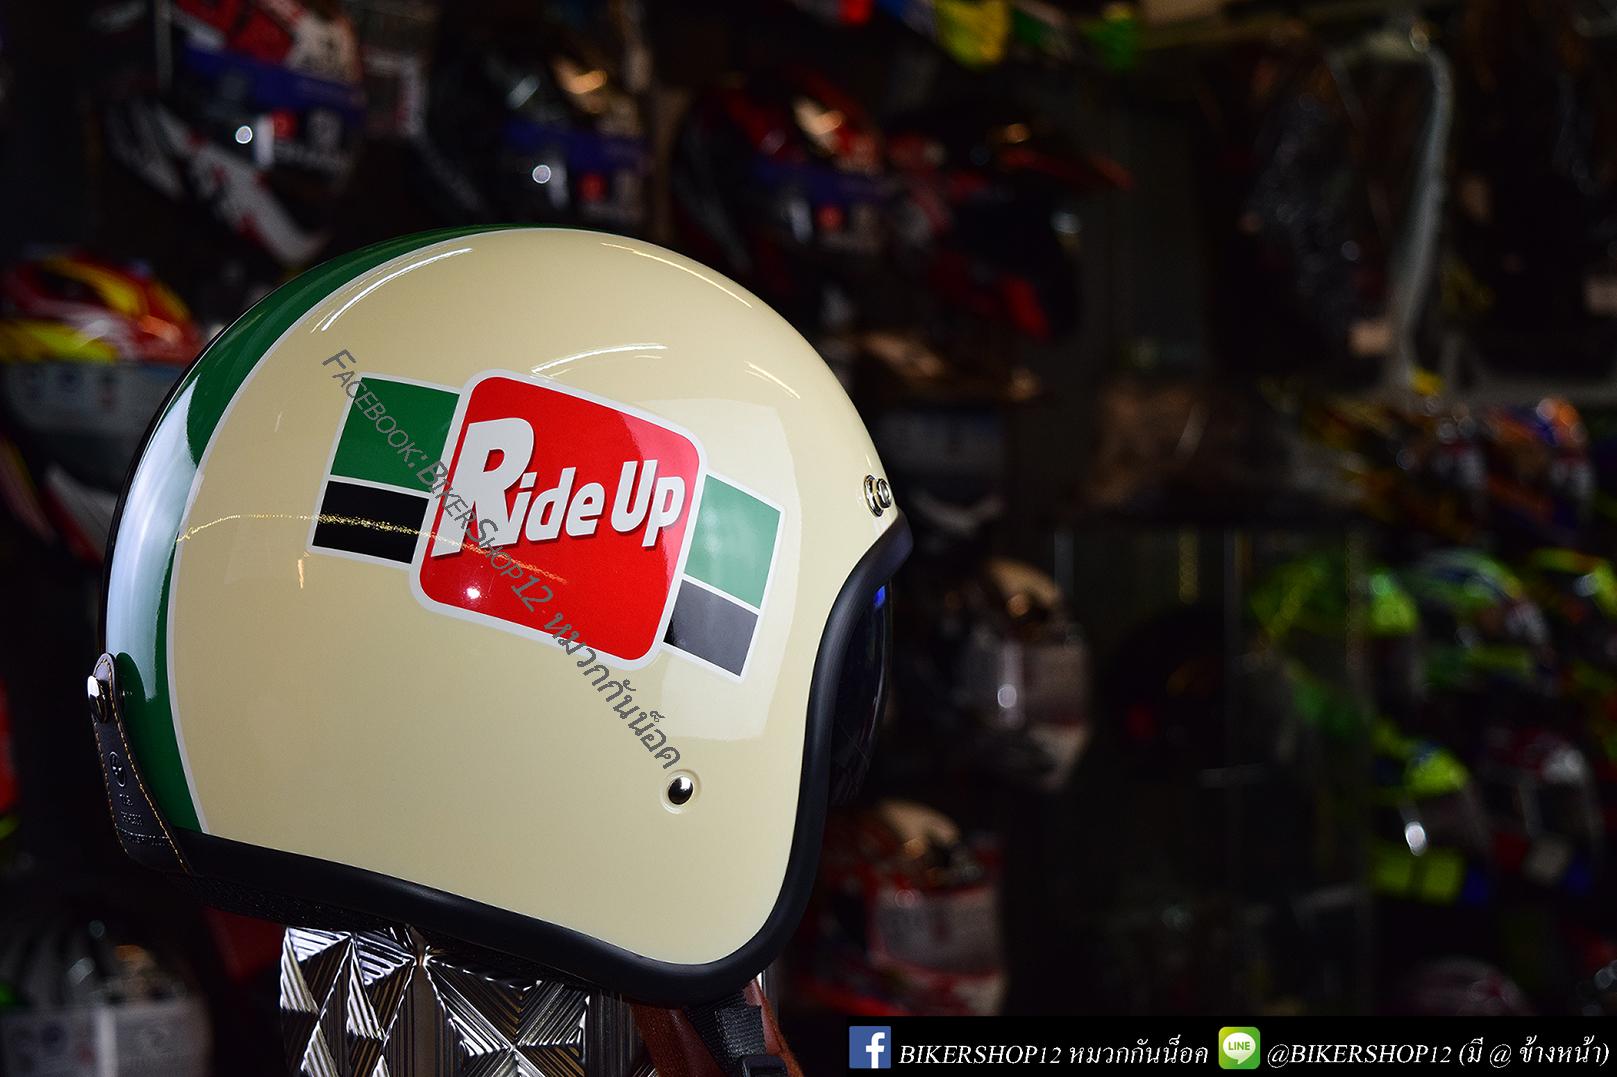 หมวกกันน็อคคลาสสิก 5เป๊ก (มีแว่น) สี Ride Up ครีม